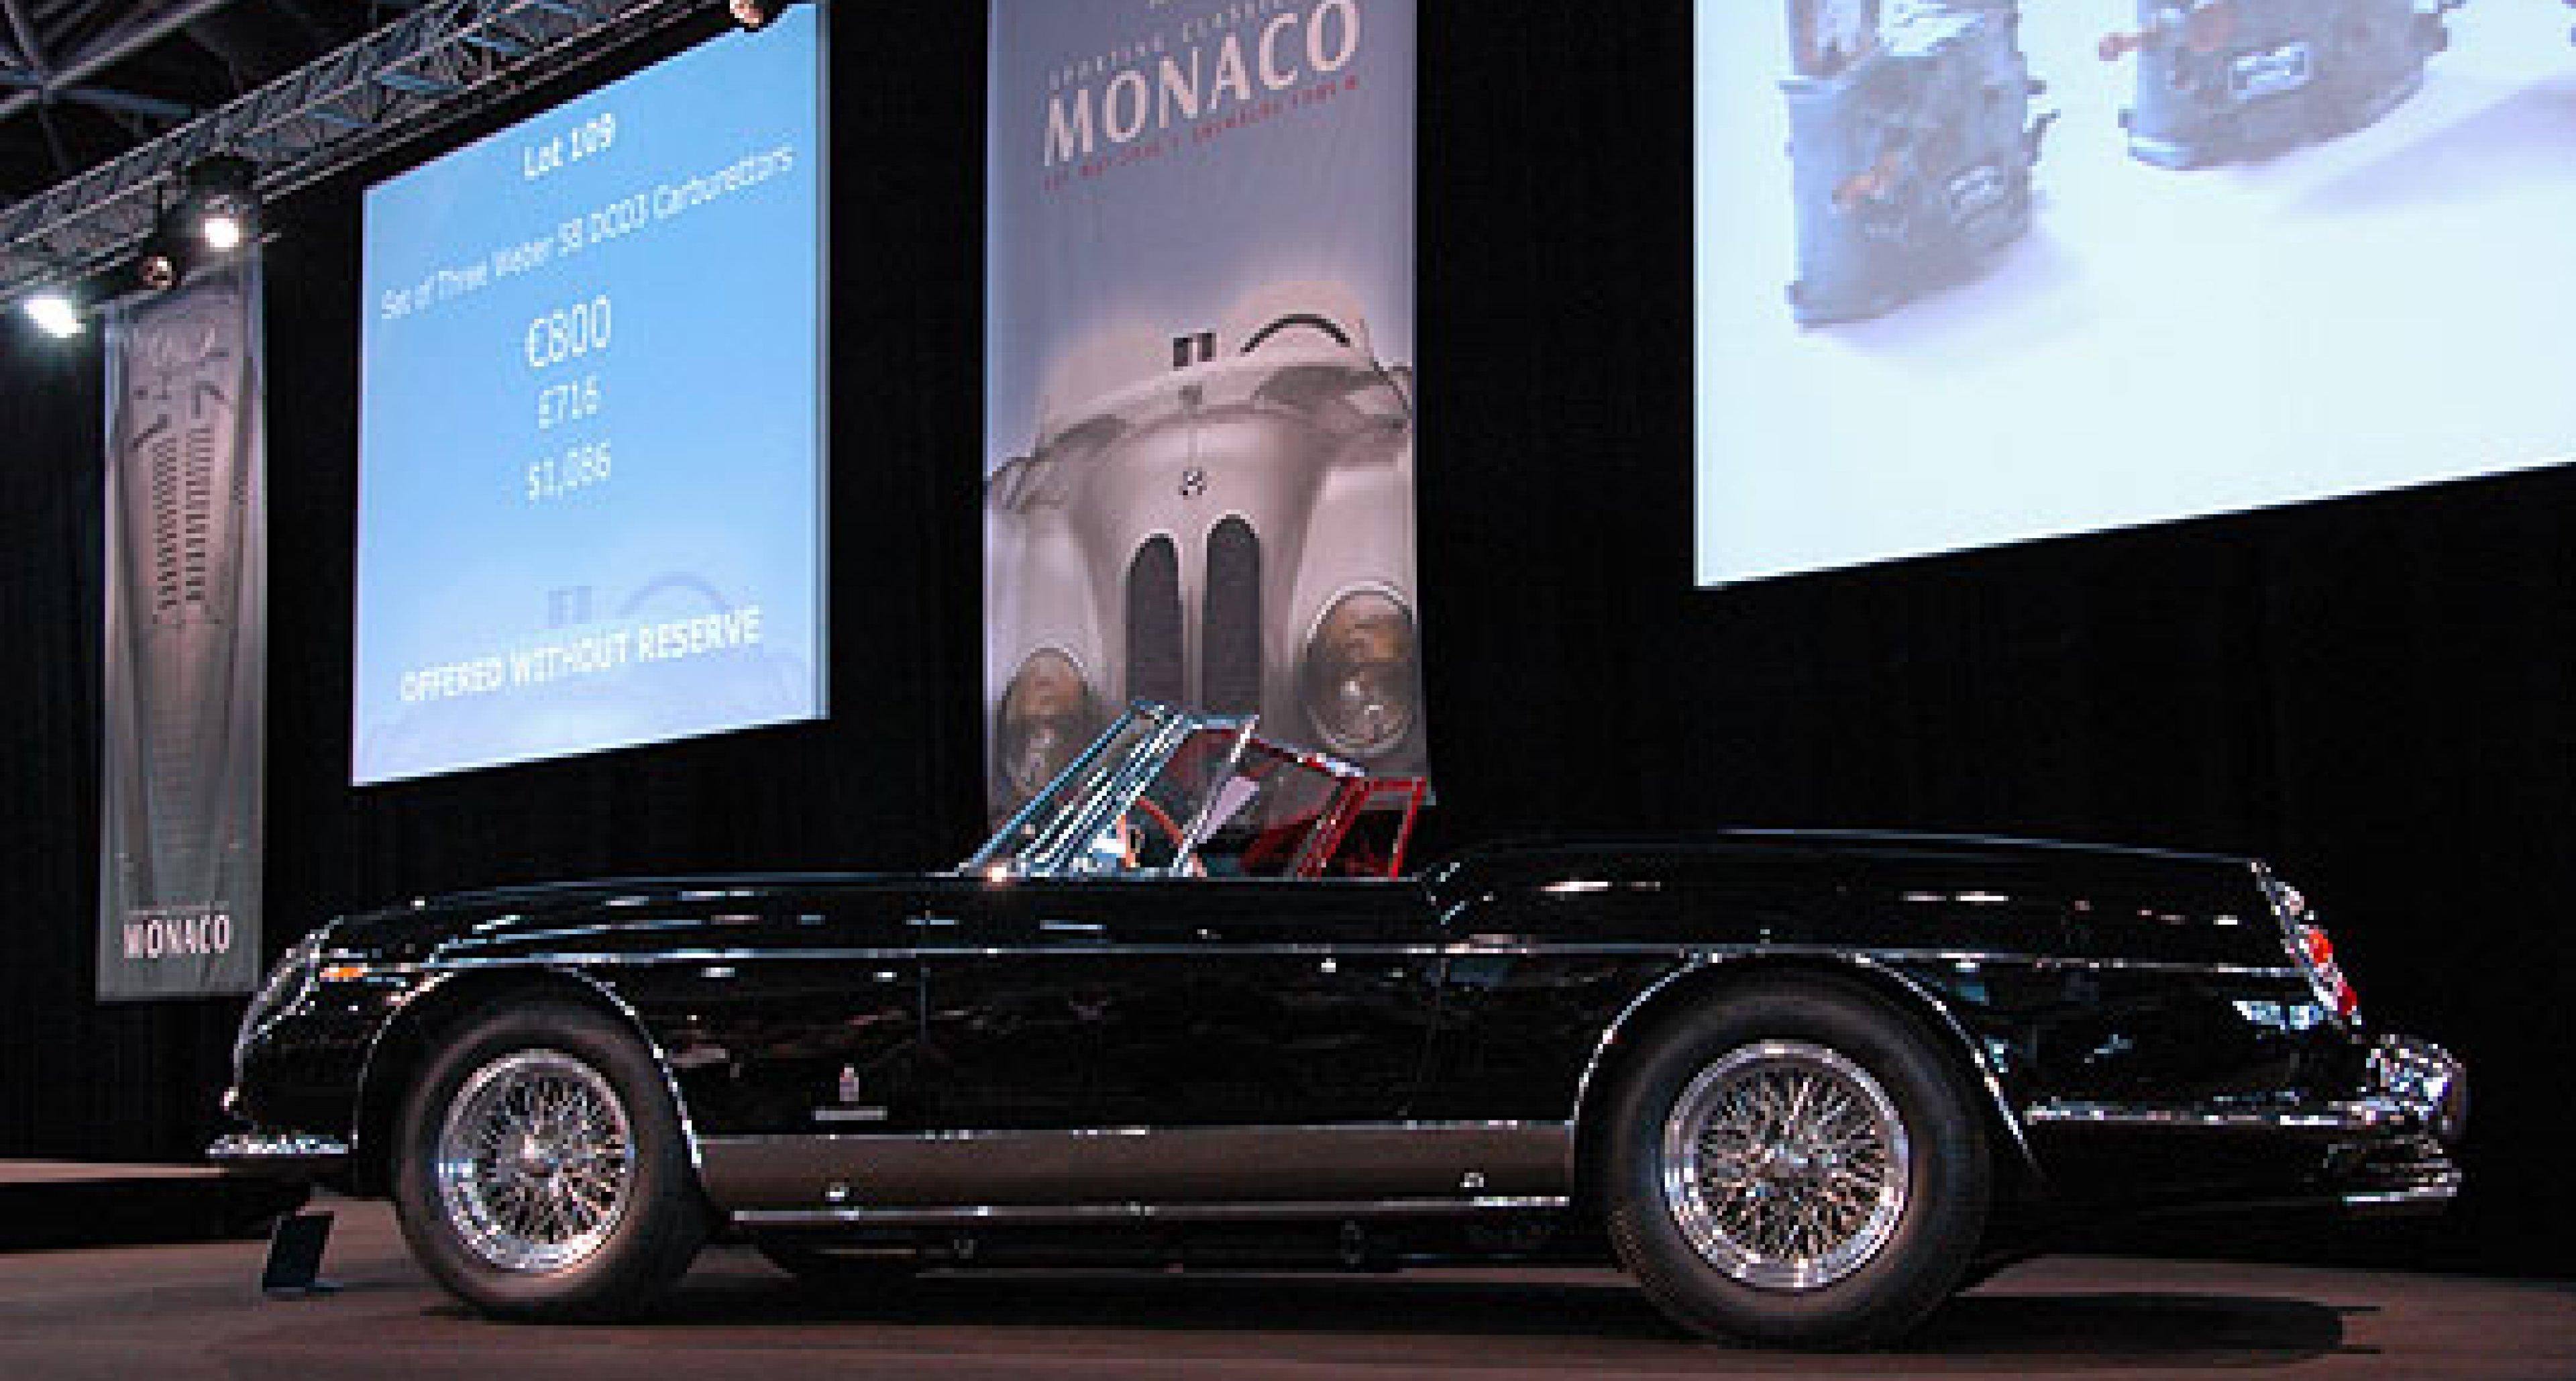 RM Auktion in Monaco erzielt über 33 Millionen Euro